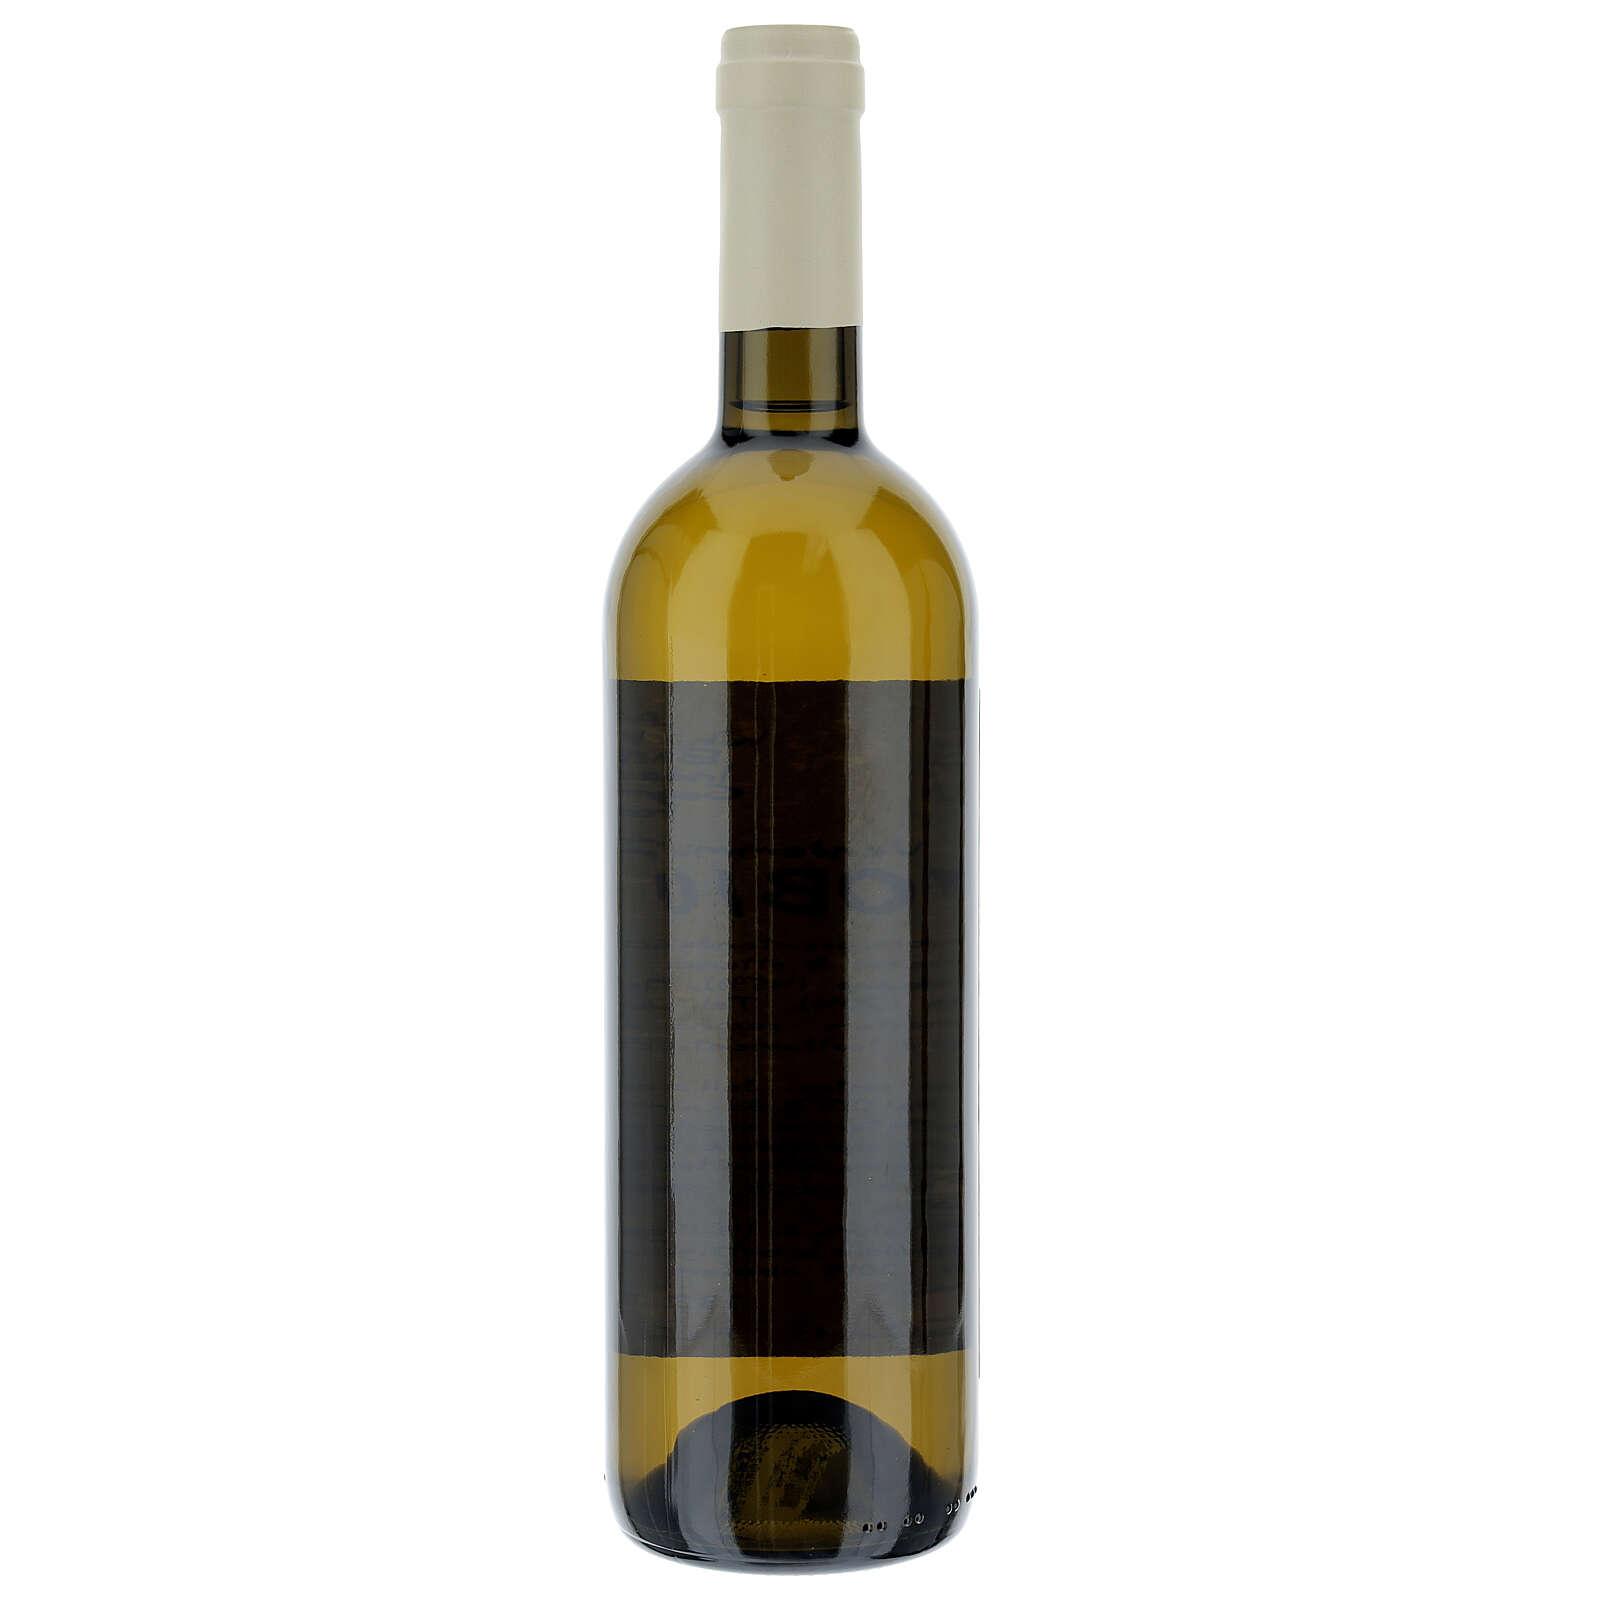 Vitorchiano Coenobium 2019 white wine 750ml 3